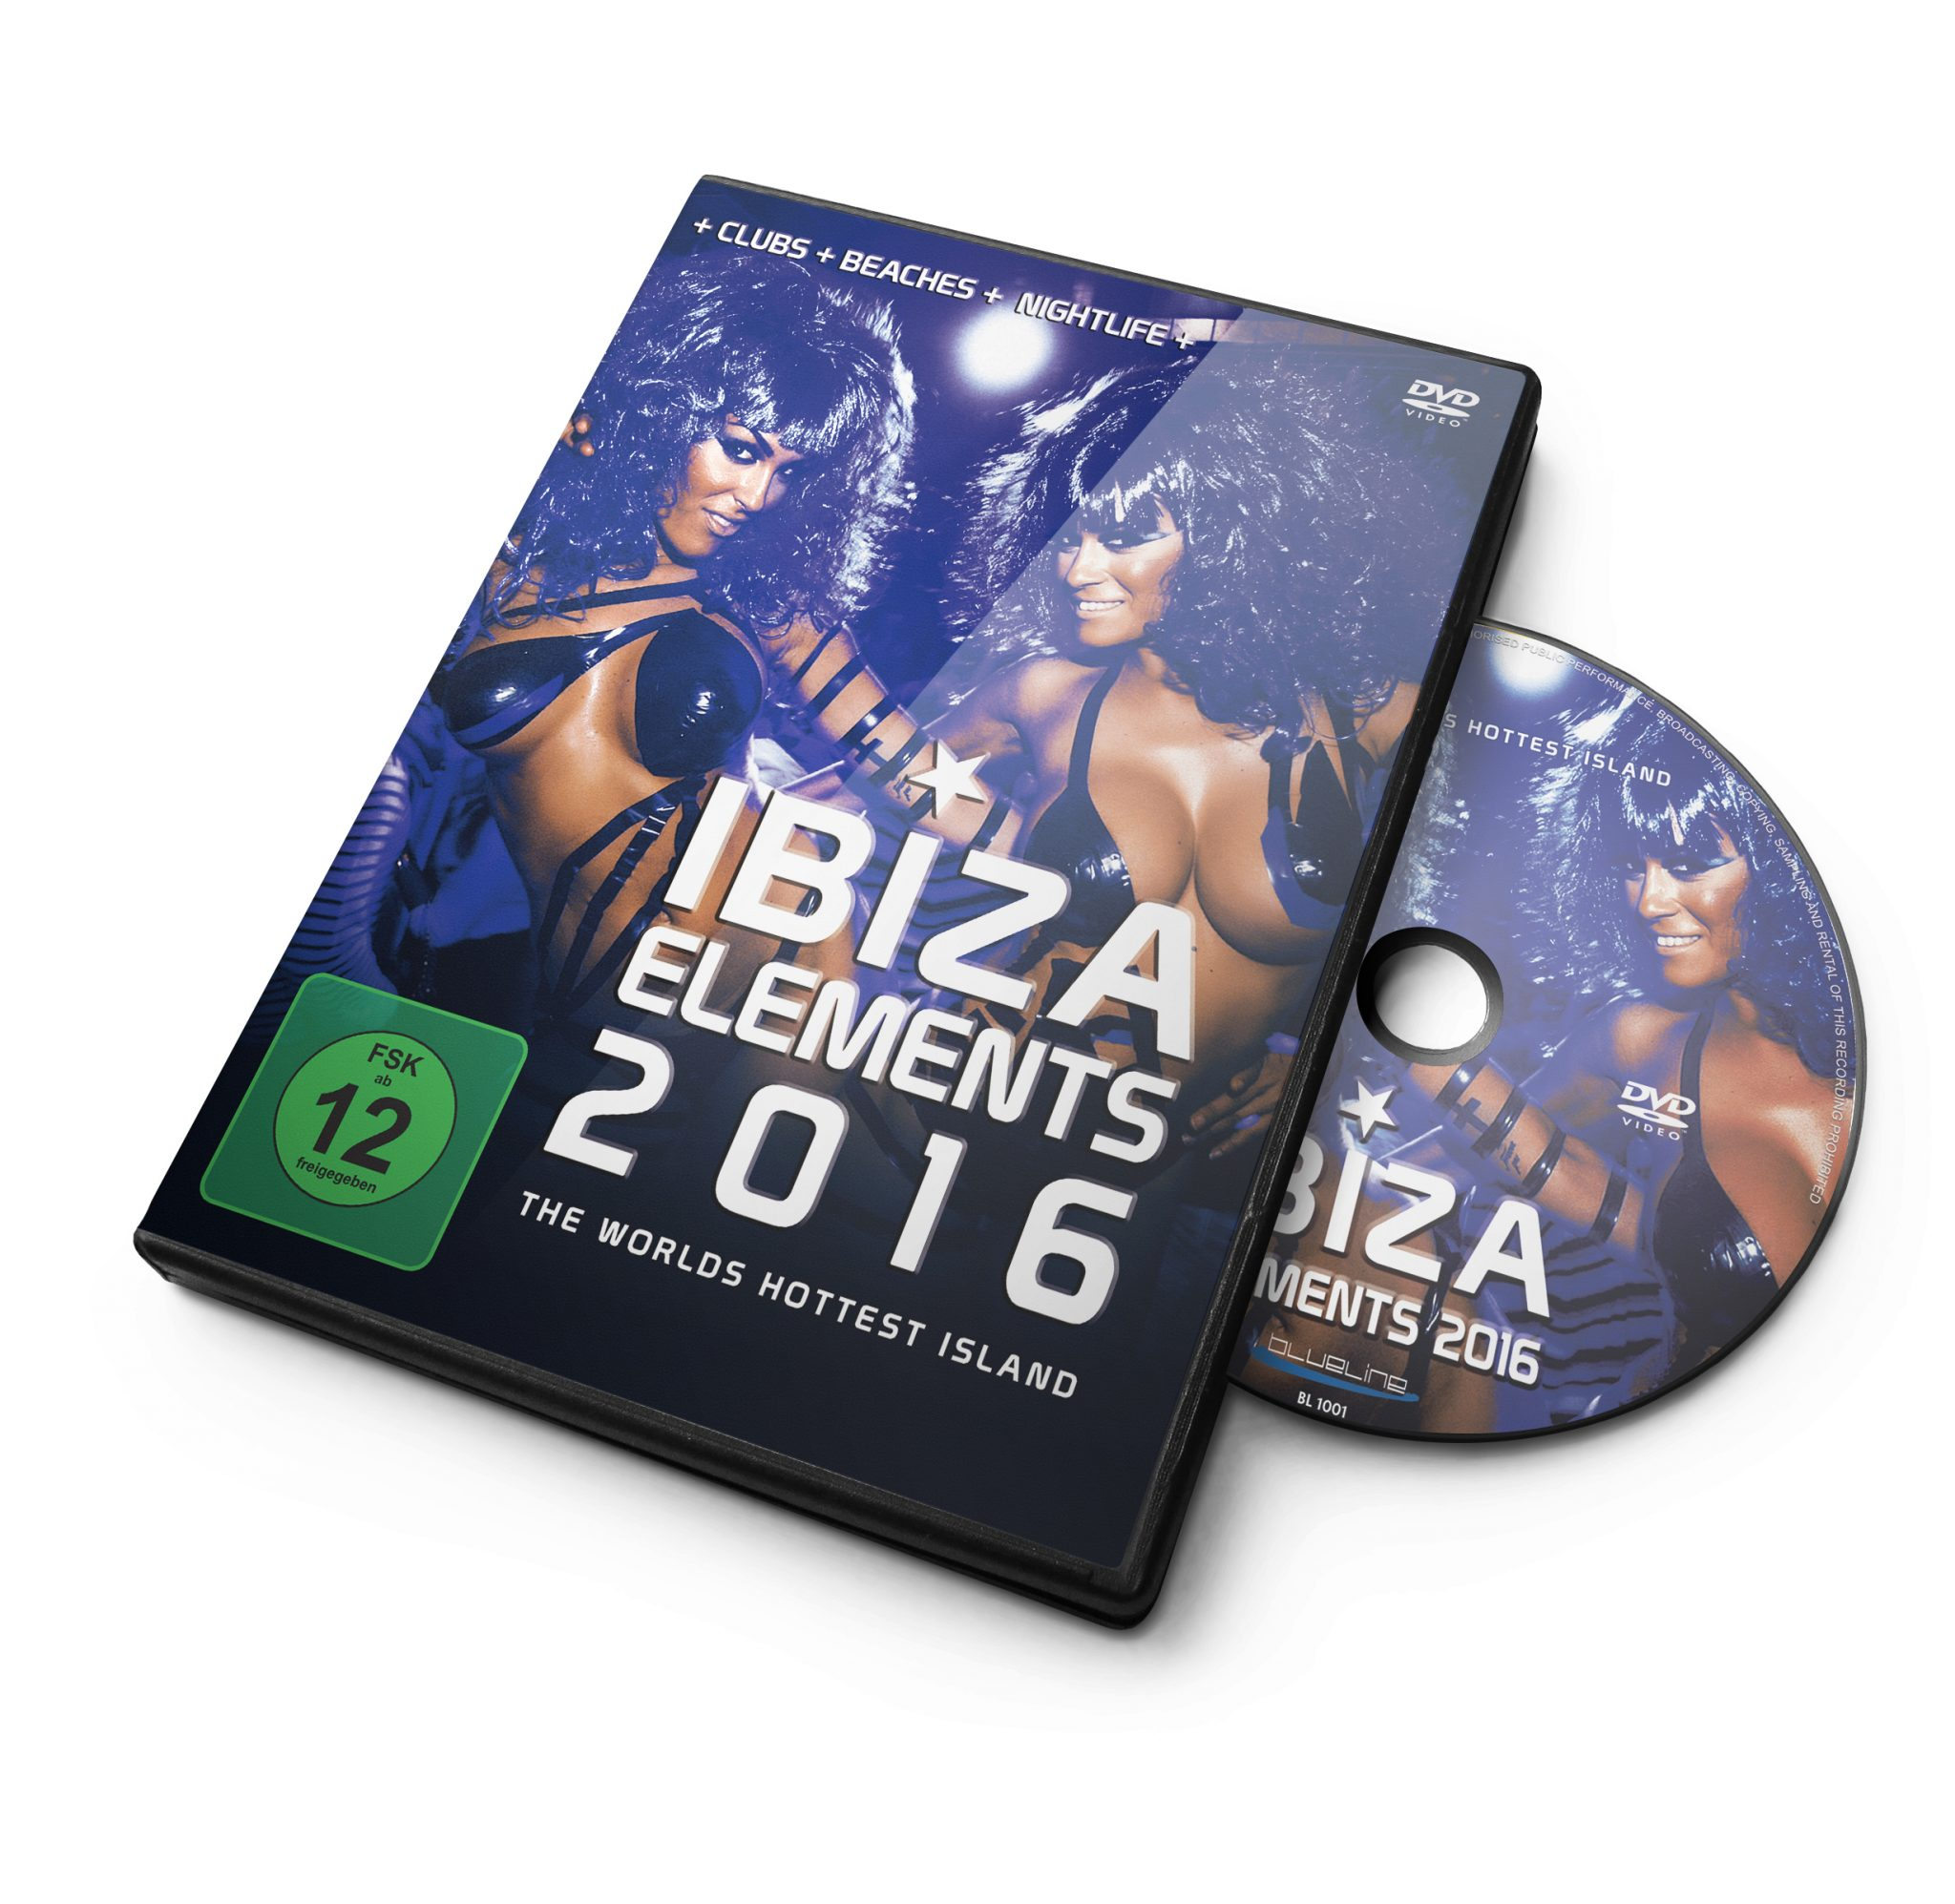 ibiza elements_dvd